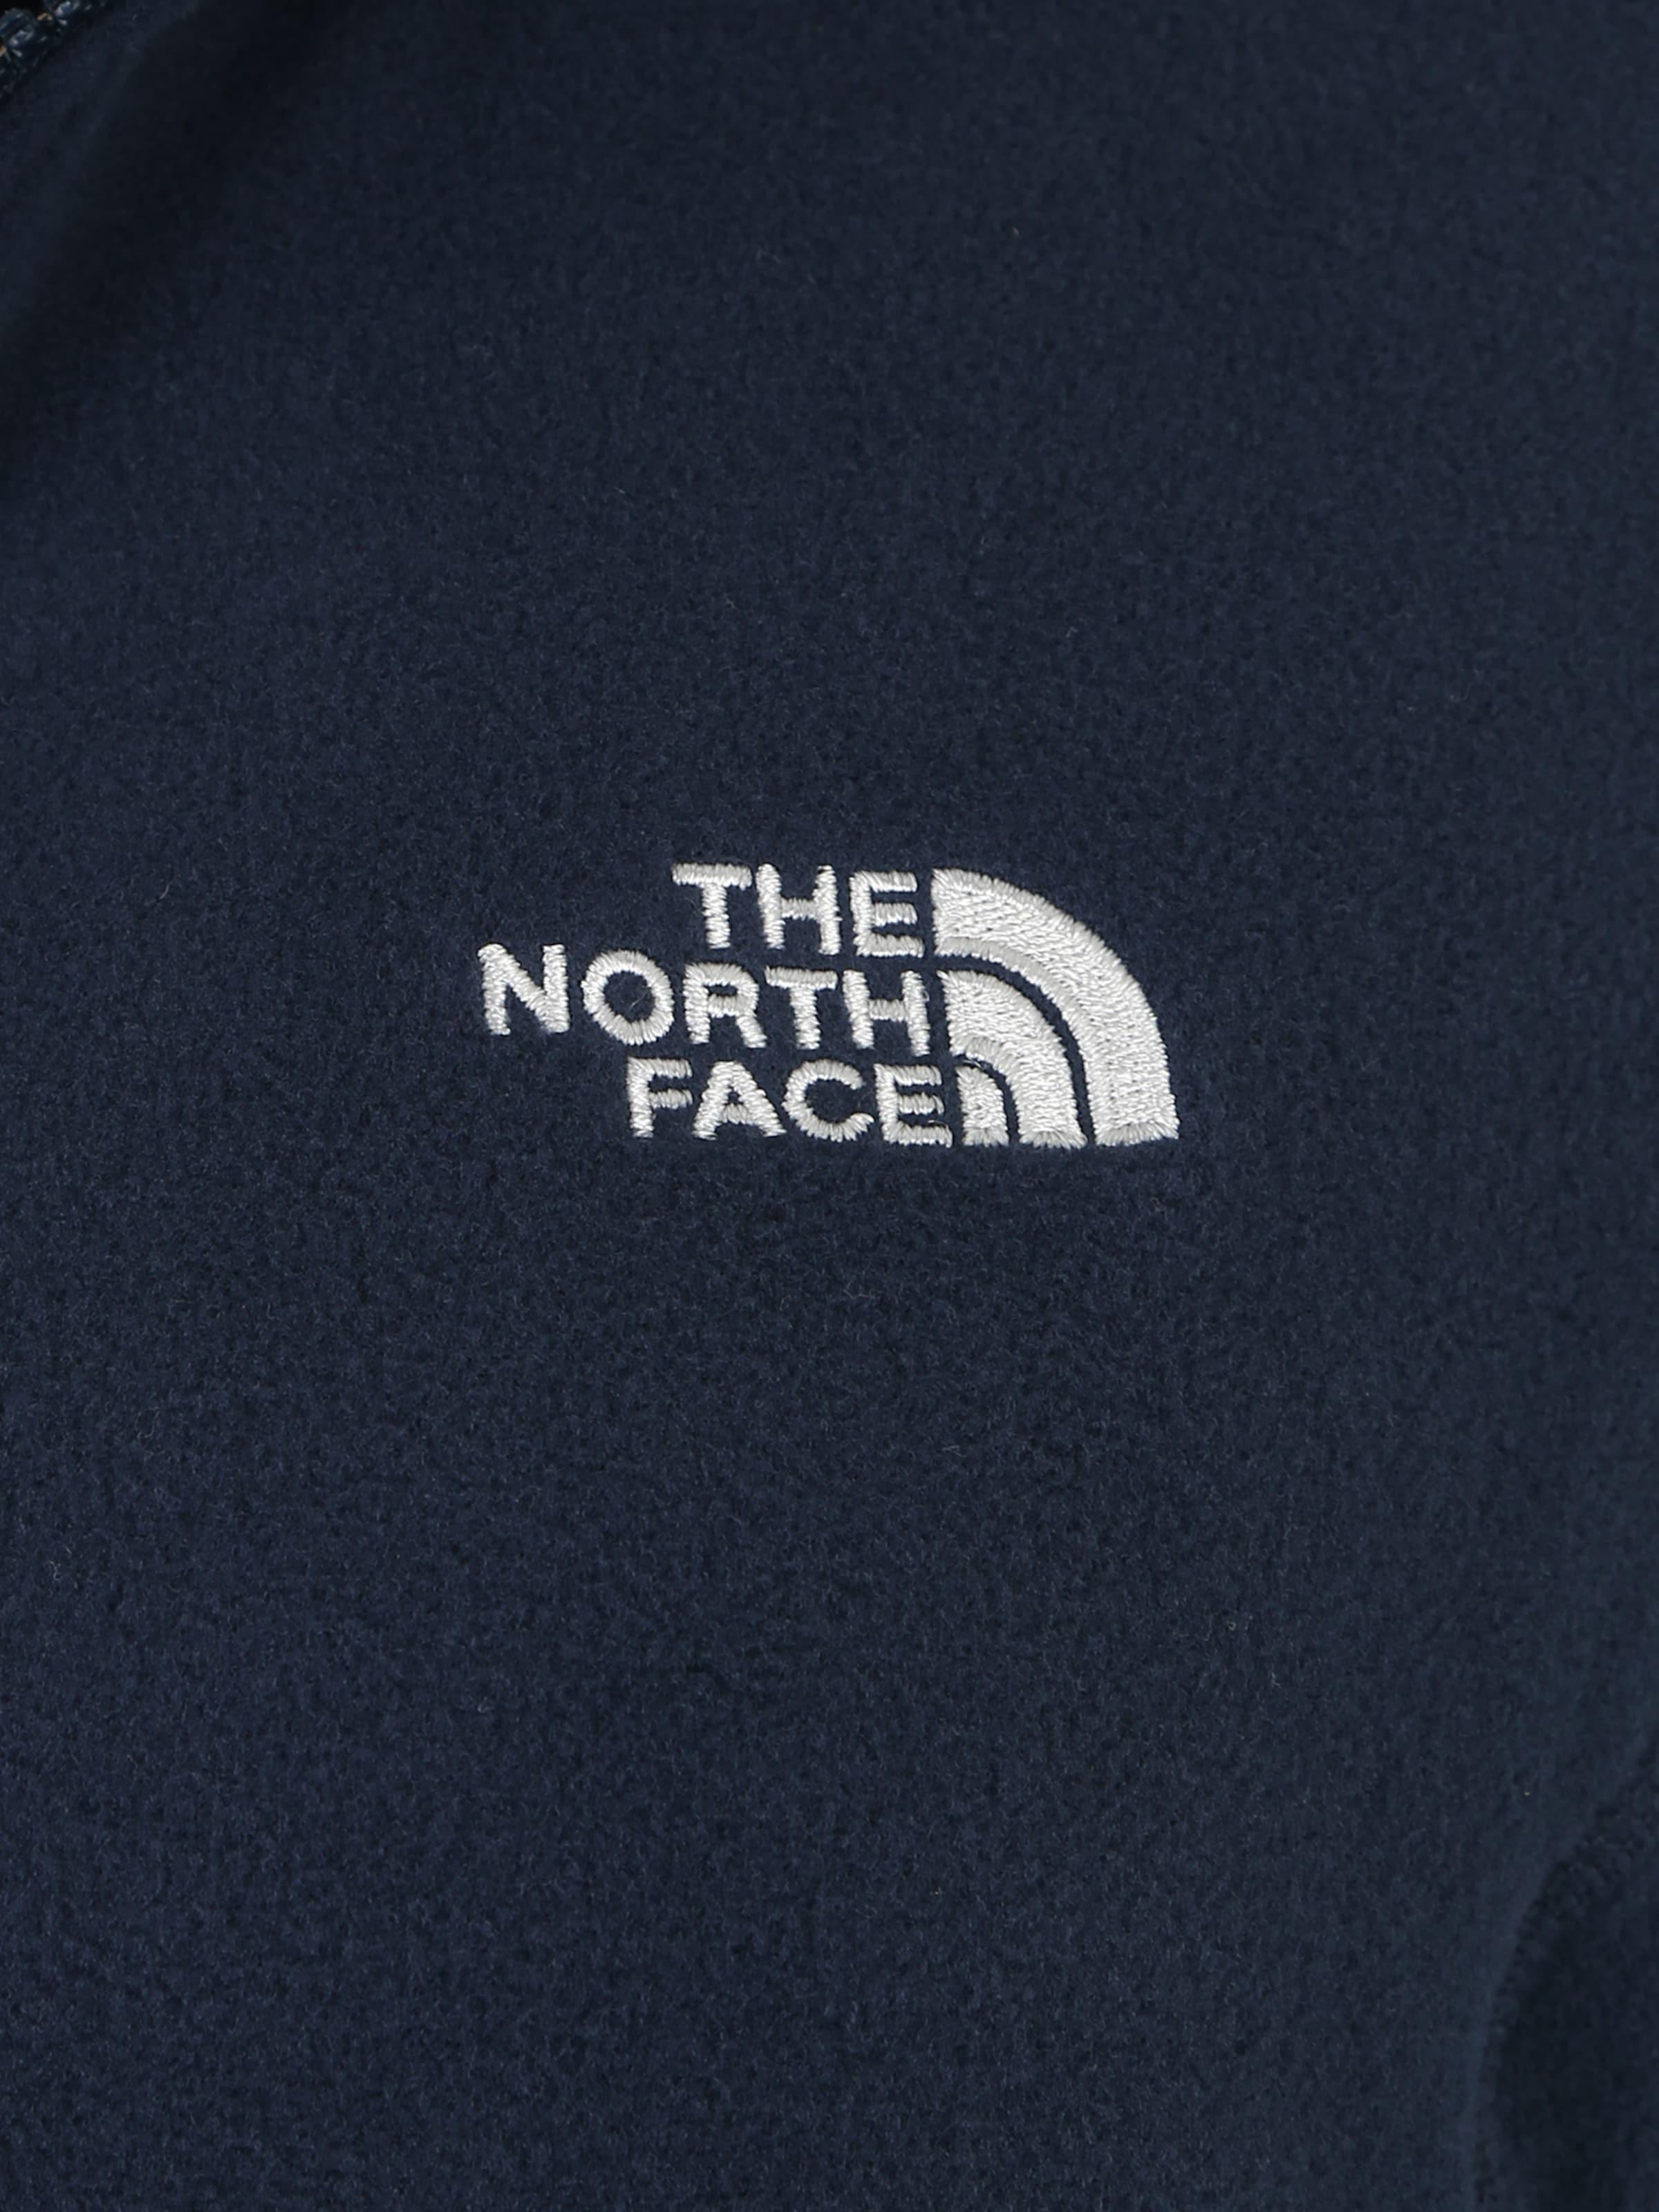 En '100 North Bleu Face Polaire Glacier' The Fonctionnelle Veste RSjqL35c4A